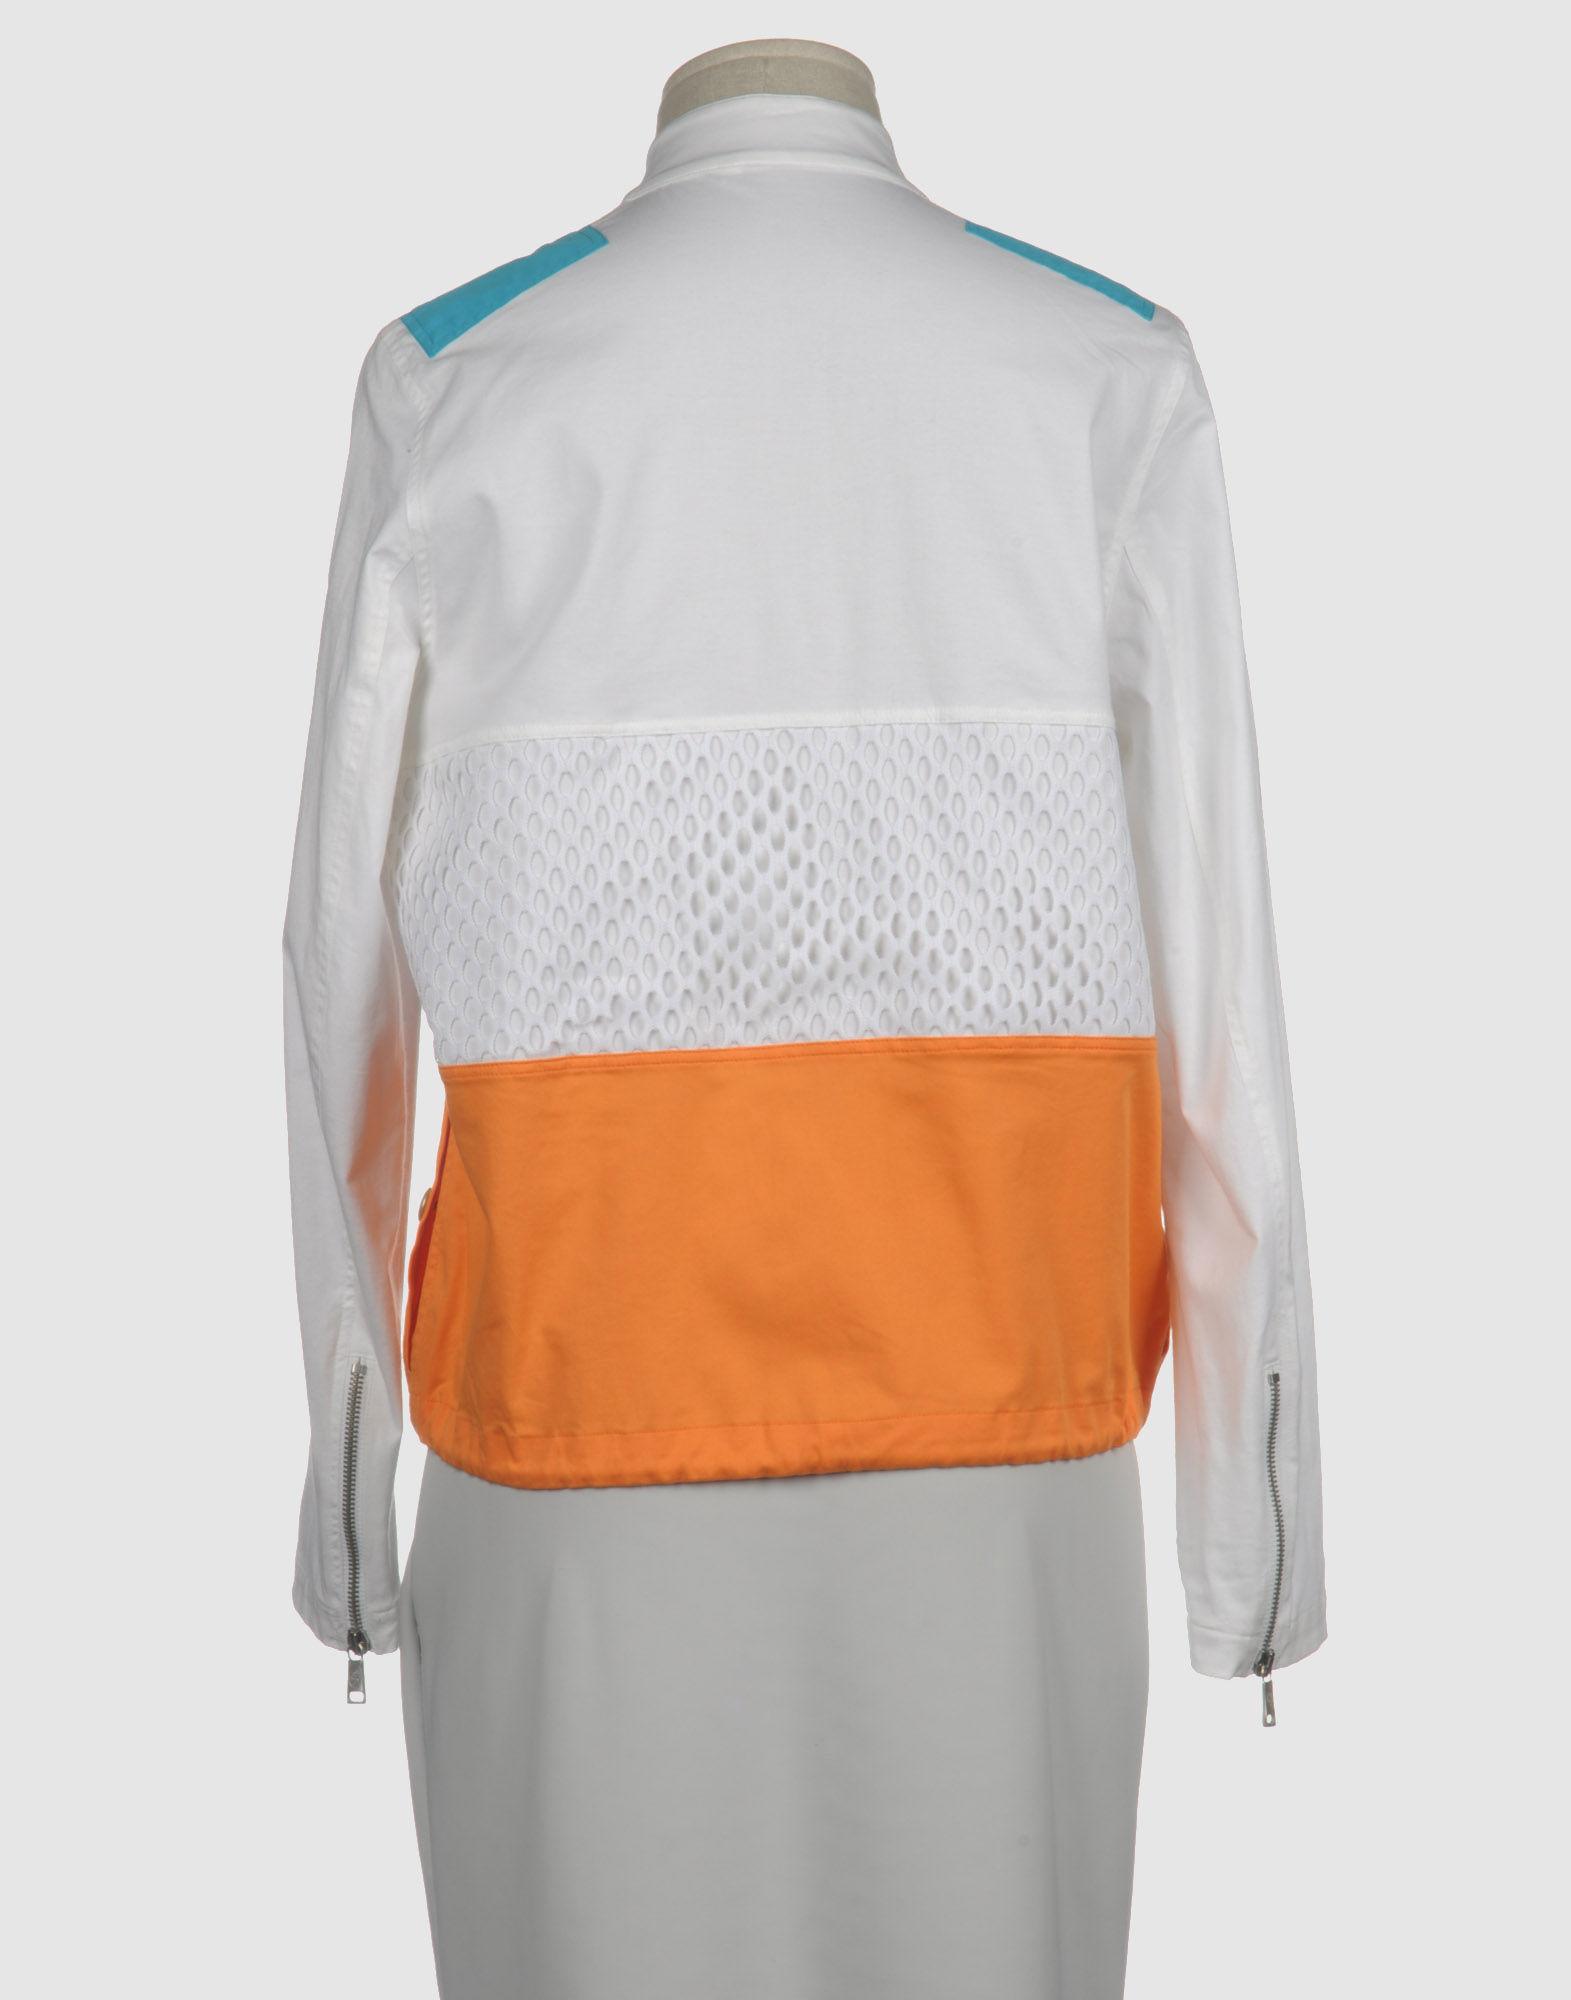 jc de castelbajac jacket in white lyst